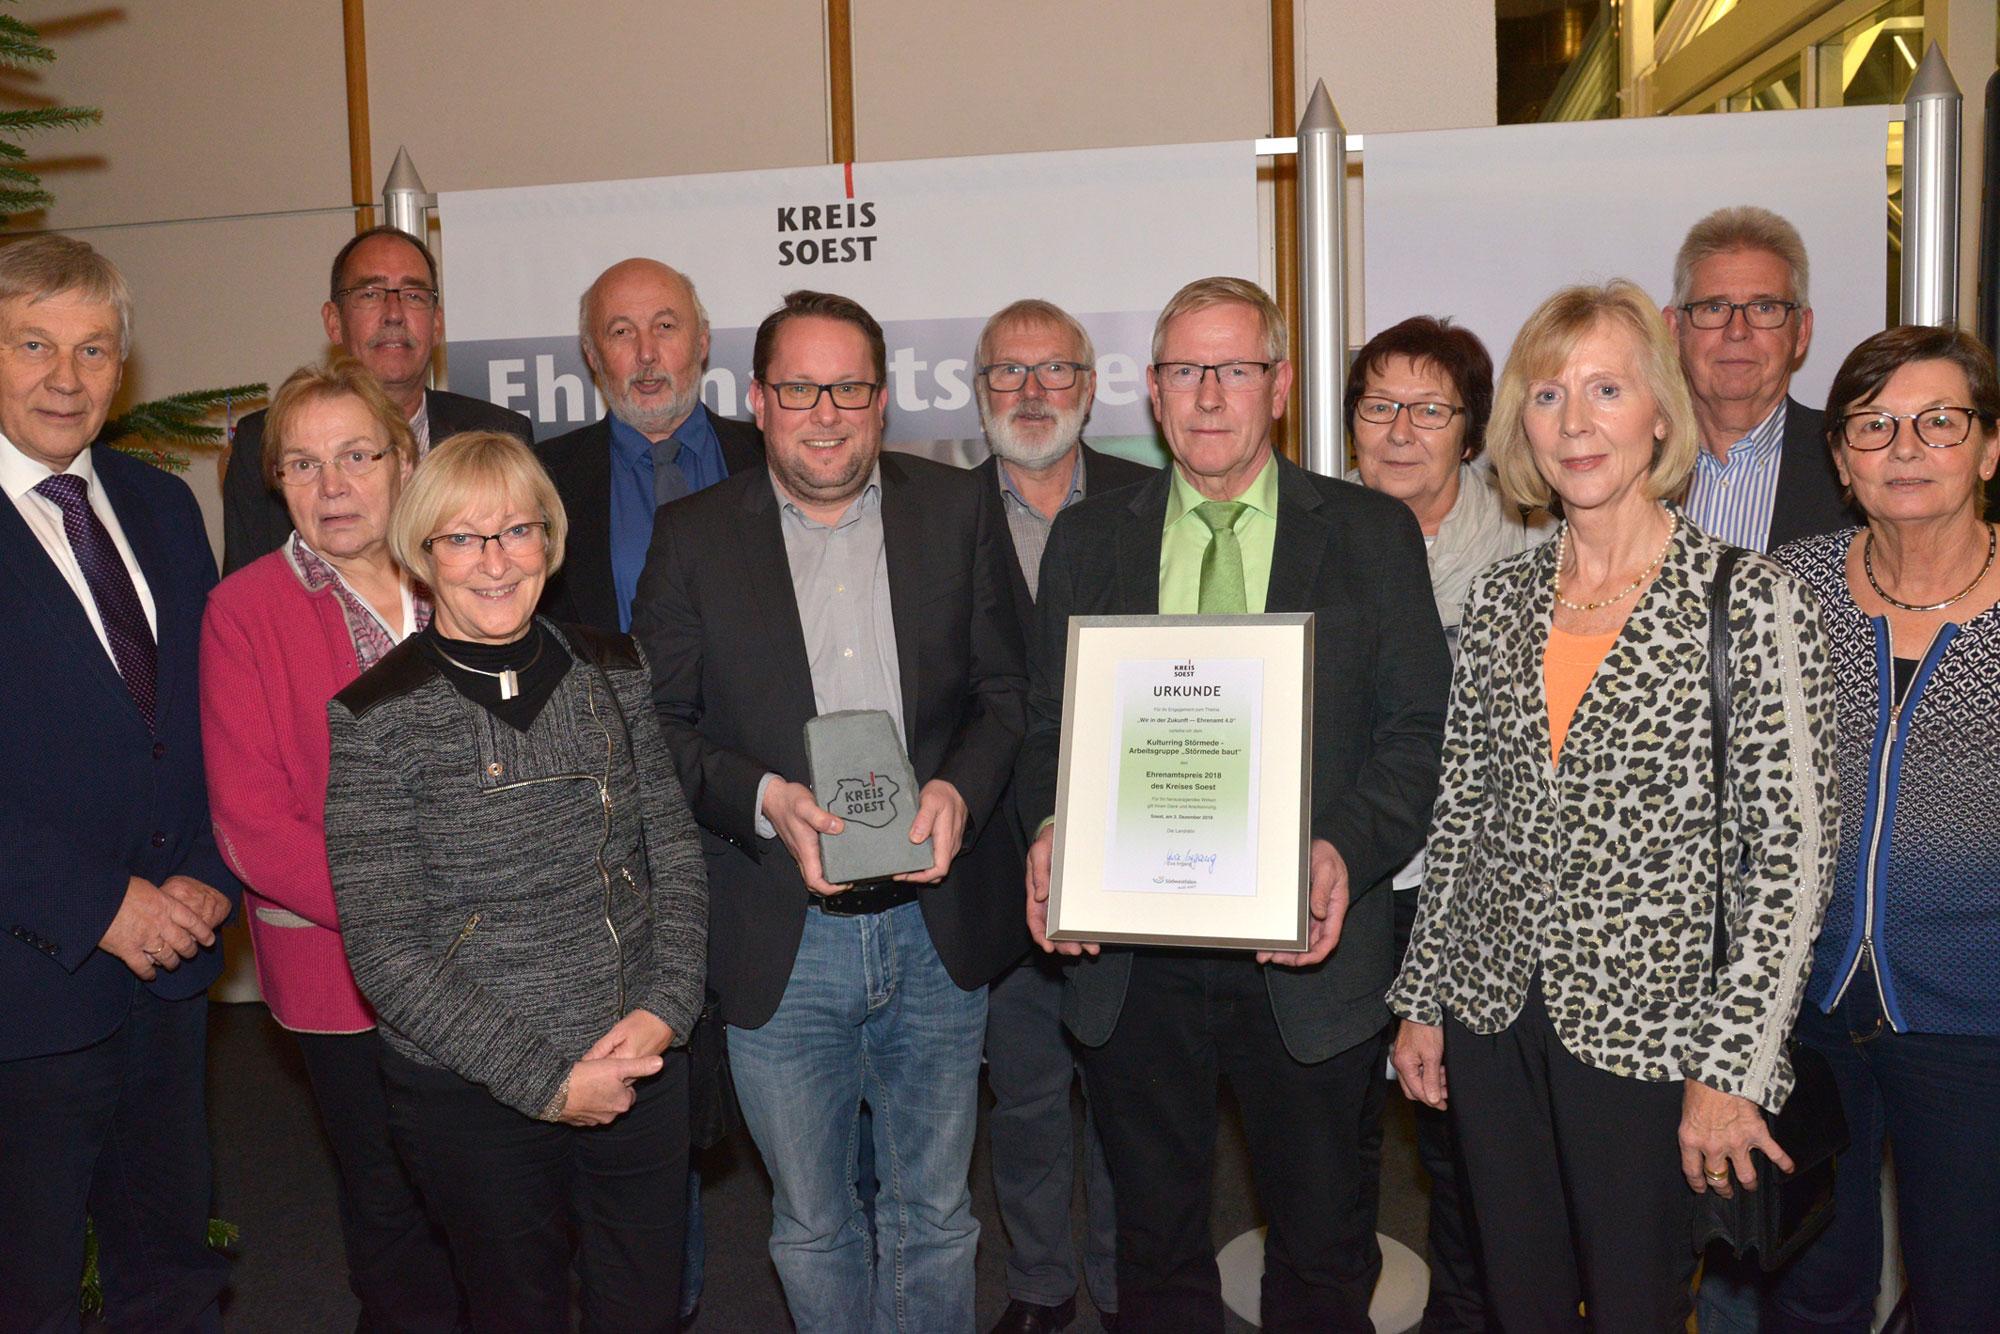 Zu den Ehrenamtspreisträgern 2018 gehörte der Kulturring Störmede aus Geseke. Ihn hat der Kreis Soest genau wie das Schulkanuprojekt Lippstadt für den Publikumspreis beim Deutschen Engagementpreis 2019 nominiert. (Foto: Kreis Soest)